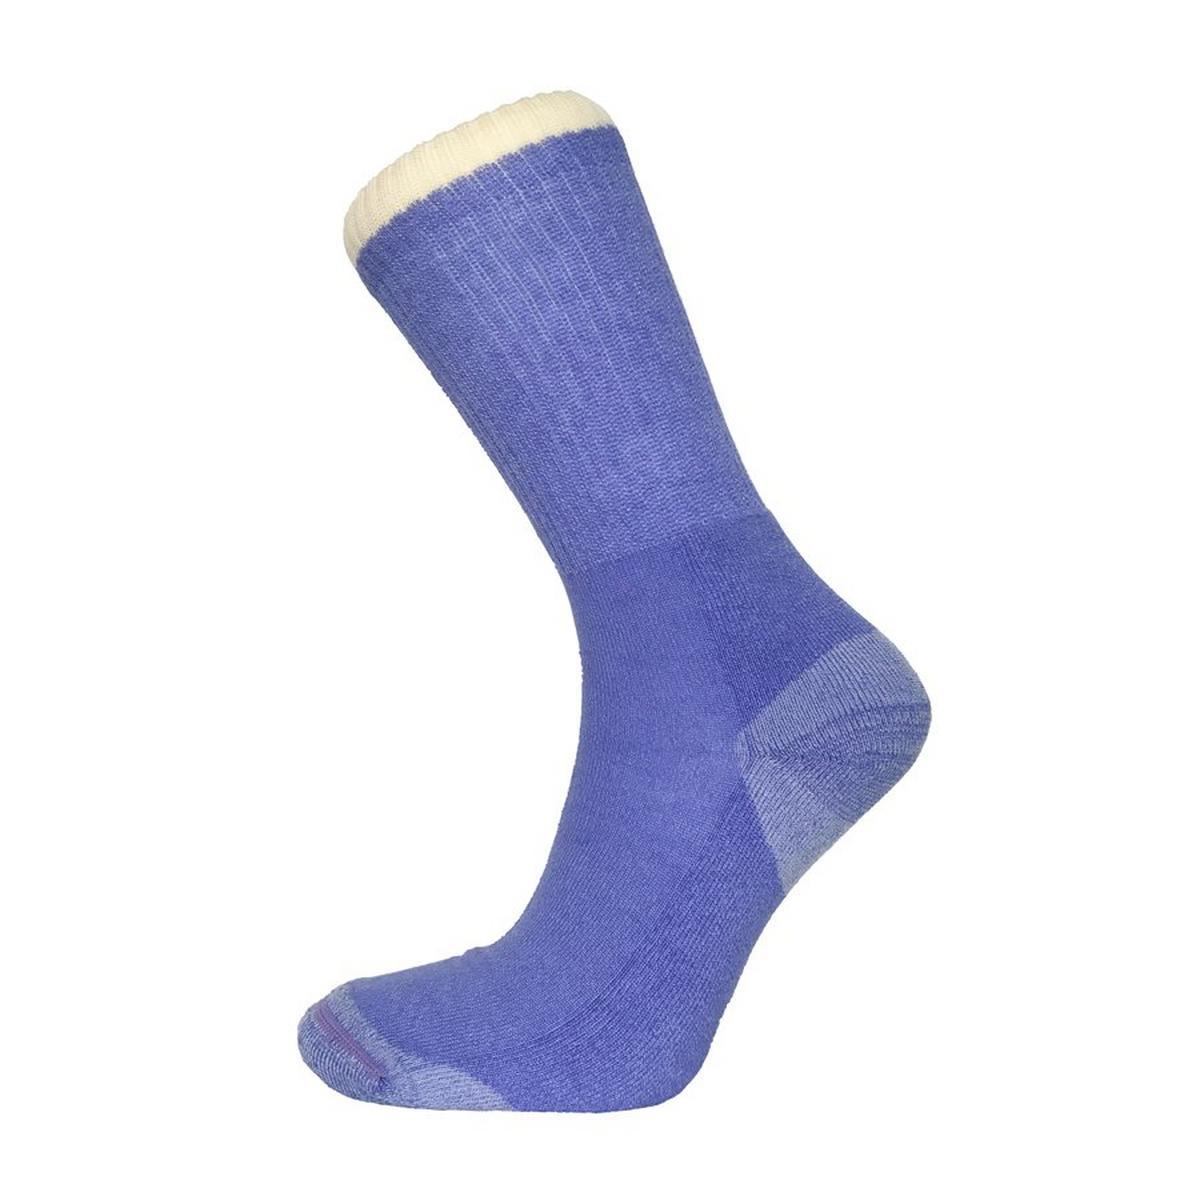 Tiso Women's Walking Sock (2 Pack)